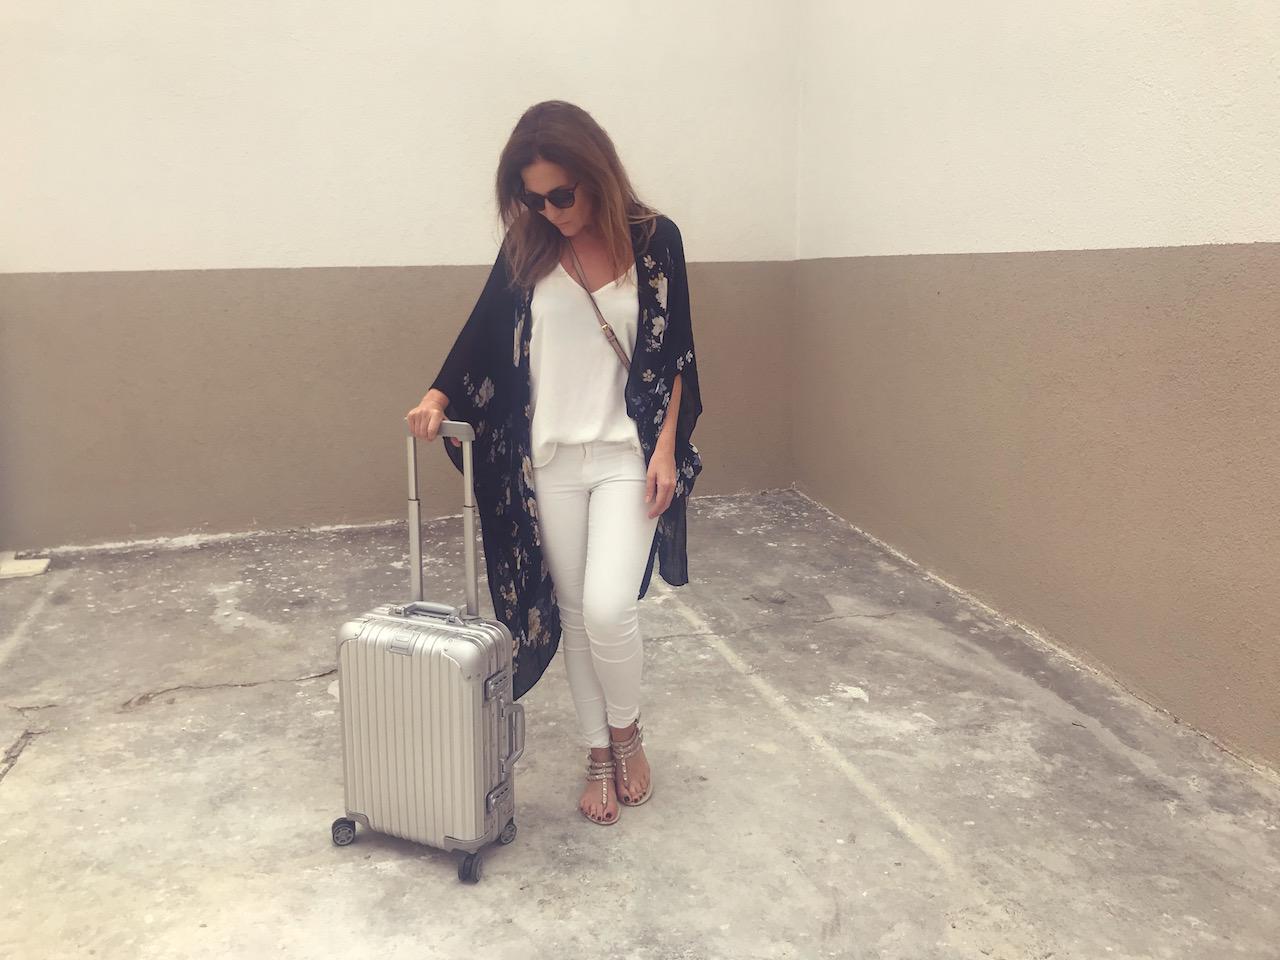 6 Dinge die man nach einer Reise tun sollte Reisen Reisebloggger Annaway Luxusreisen 7